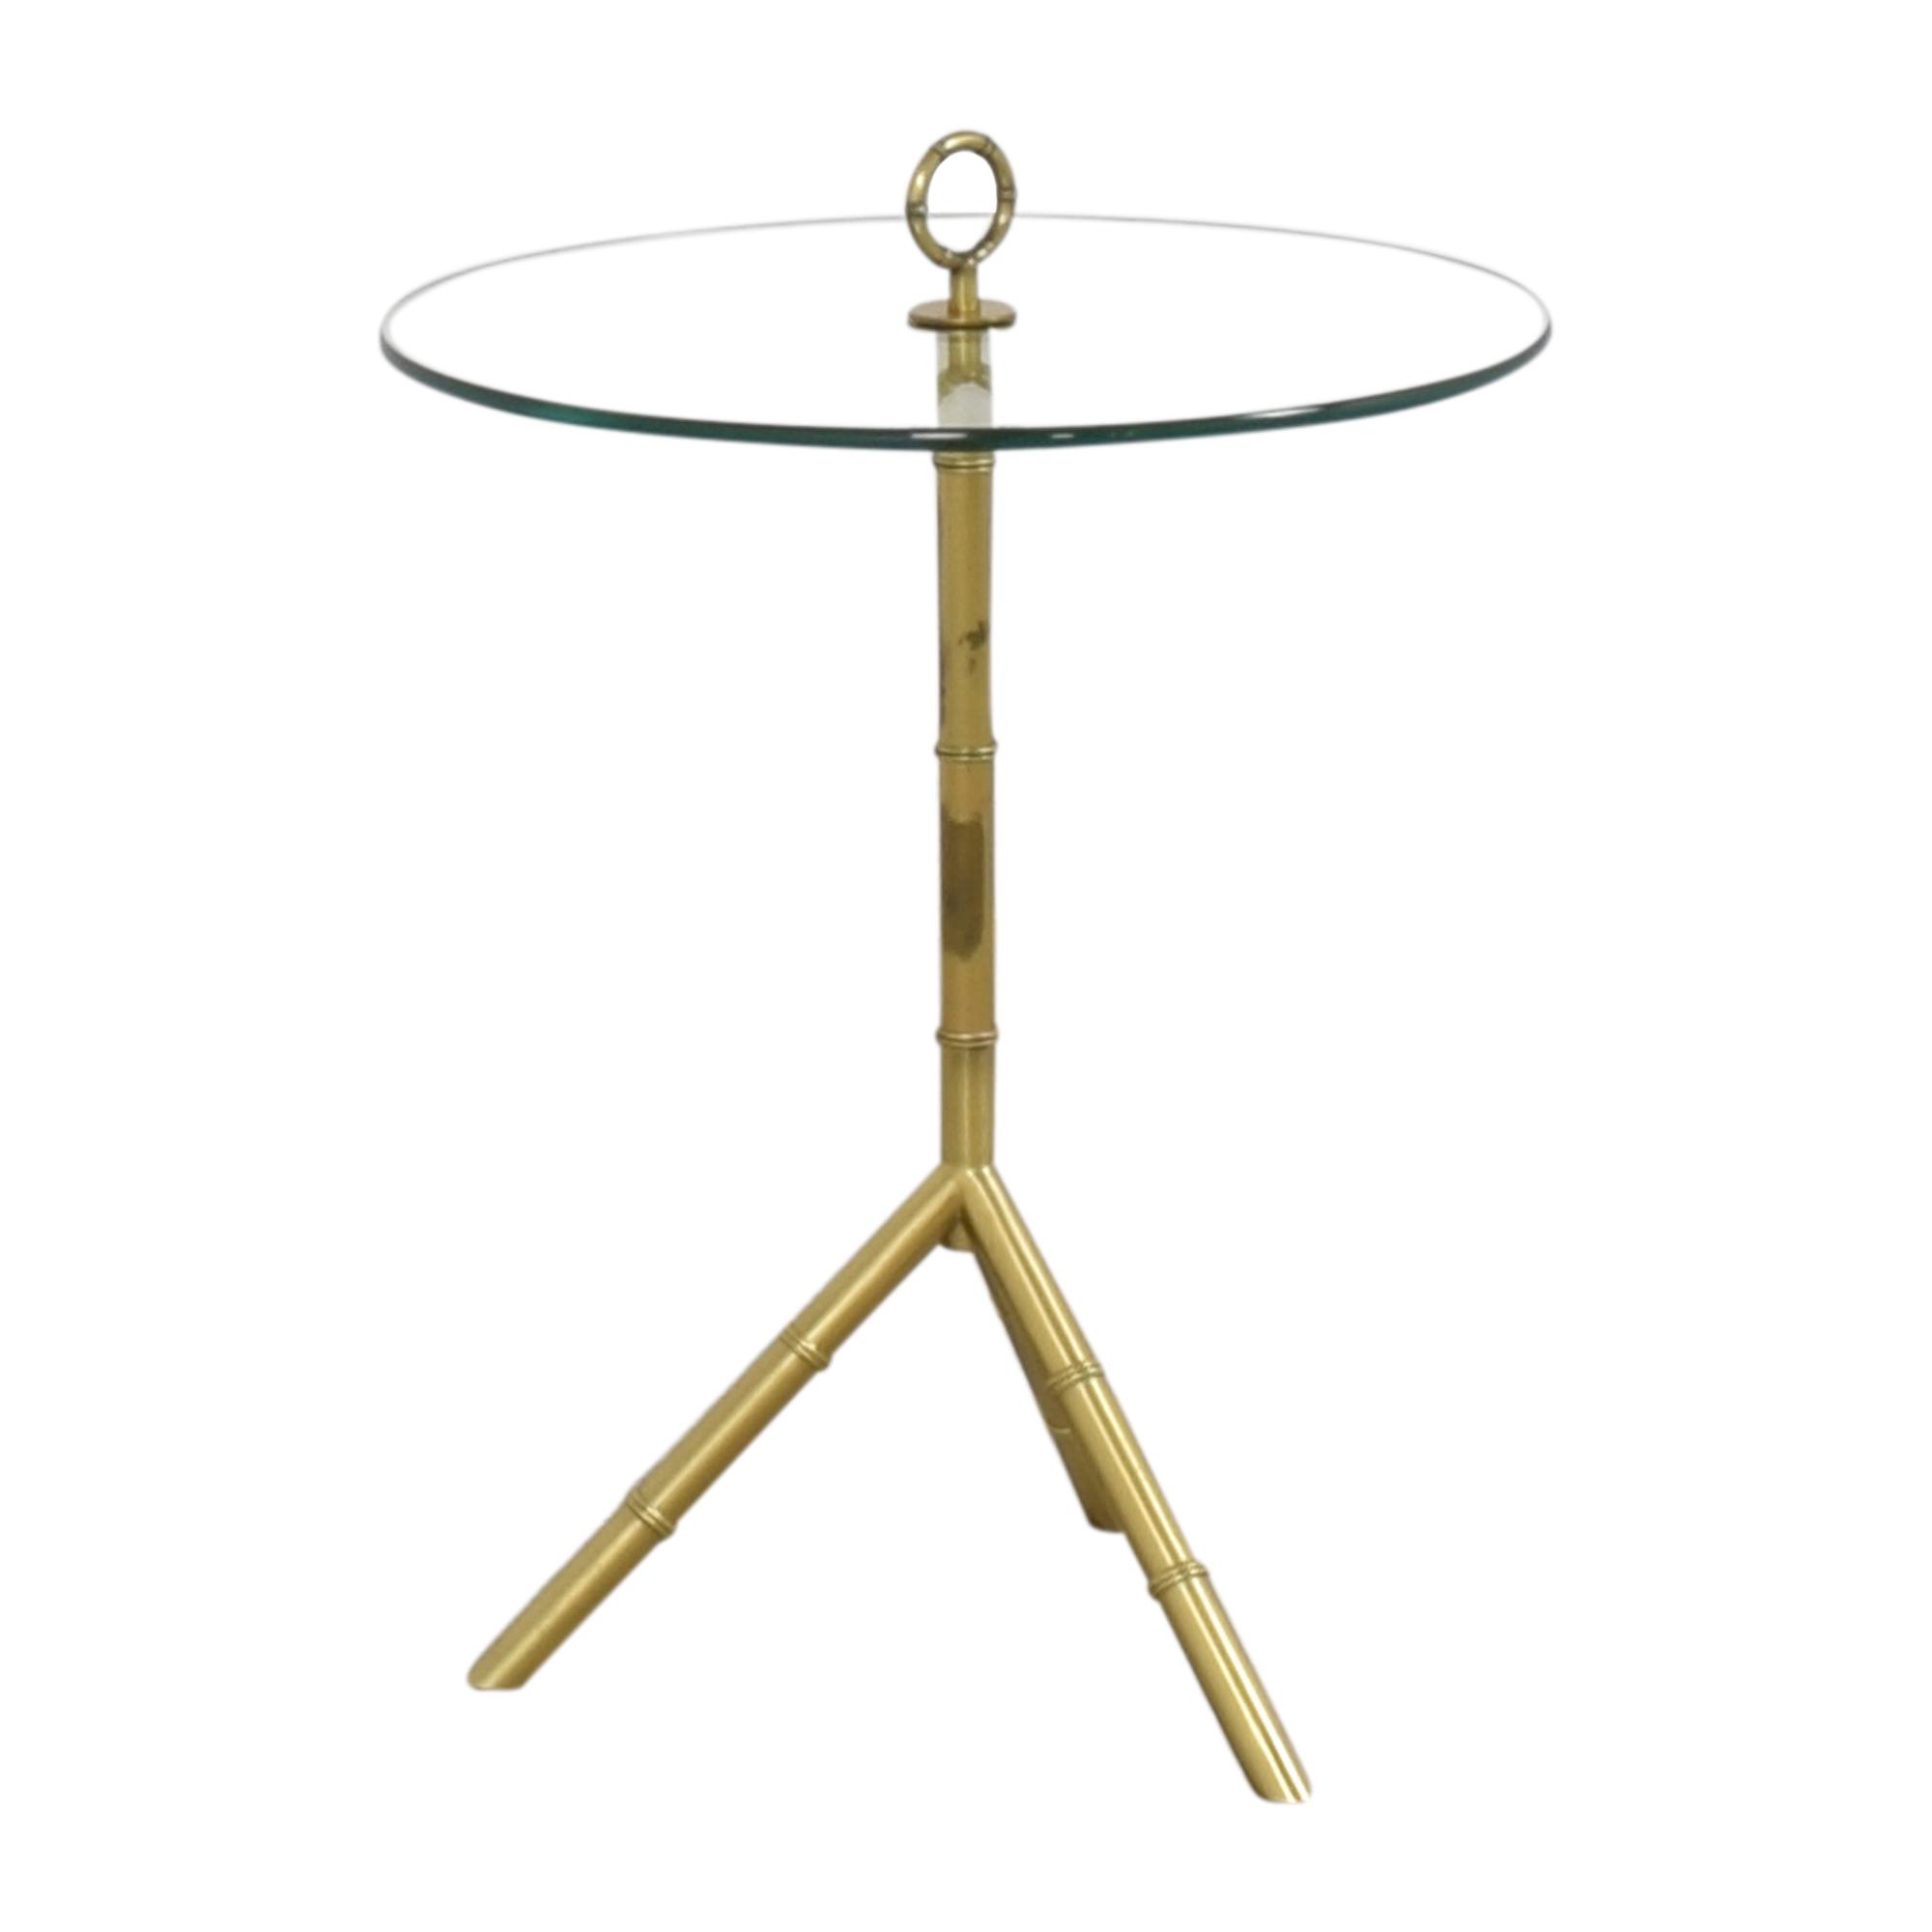 Jonathan Adler Jonathan Adler Meurice Side Table for sale